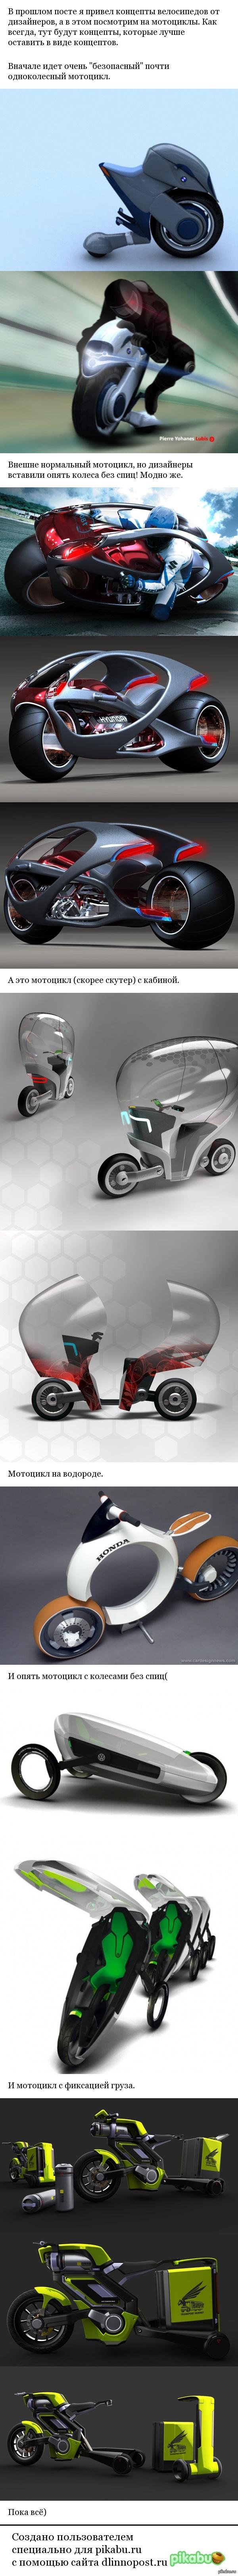 Интересные концепты №64 - Мотоциклы В прошлом посте были велосипеды, а теперь взглянем на концепты мотоциклов.